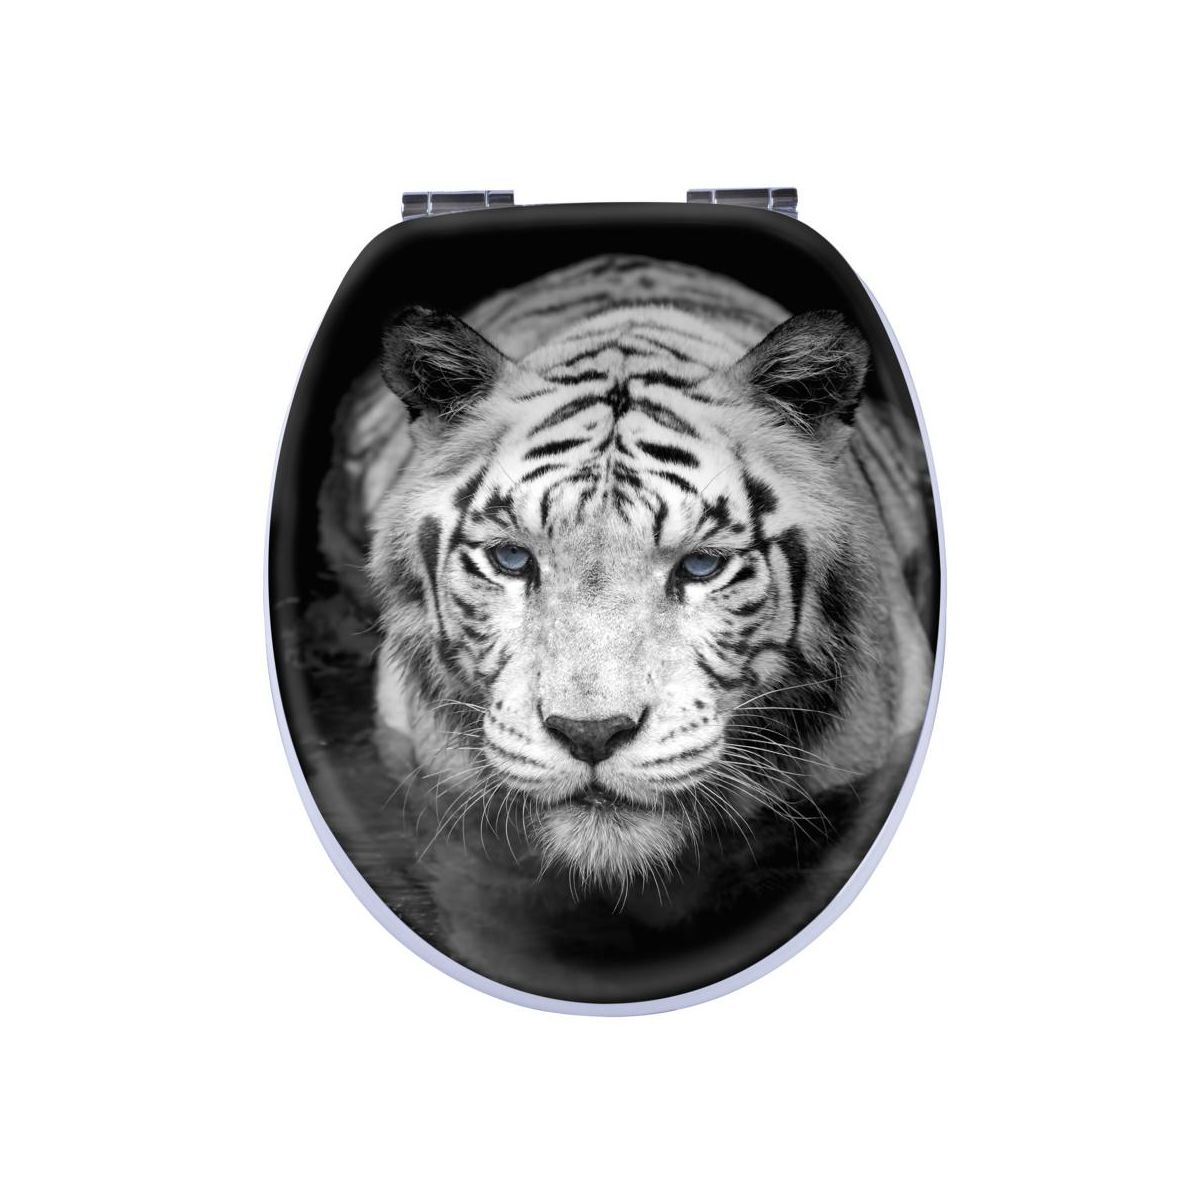 Deska Sedesowa Tygrys 3d Awd Interior Deski Sedesowe W Atrakcyjnej Cenie W Sklepach Leroy Merlin